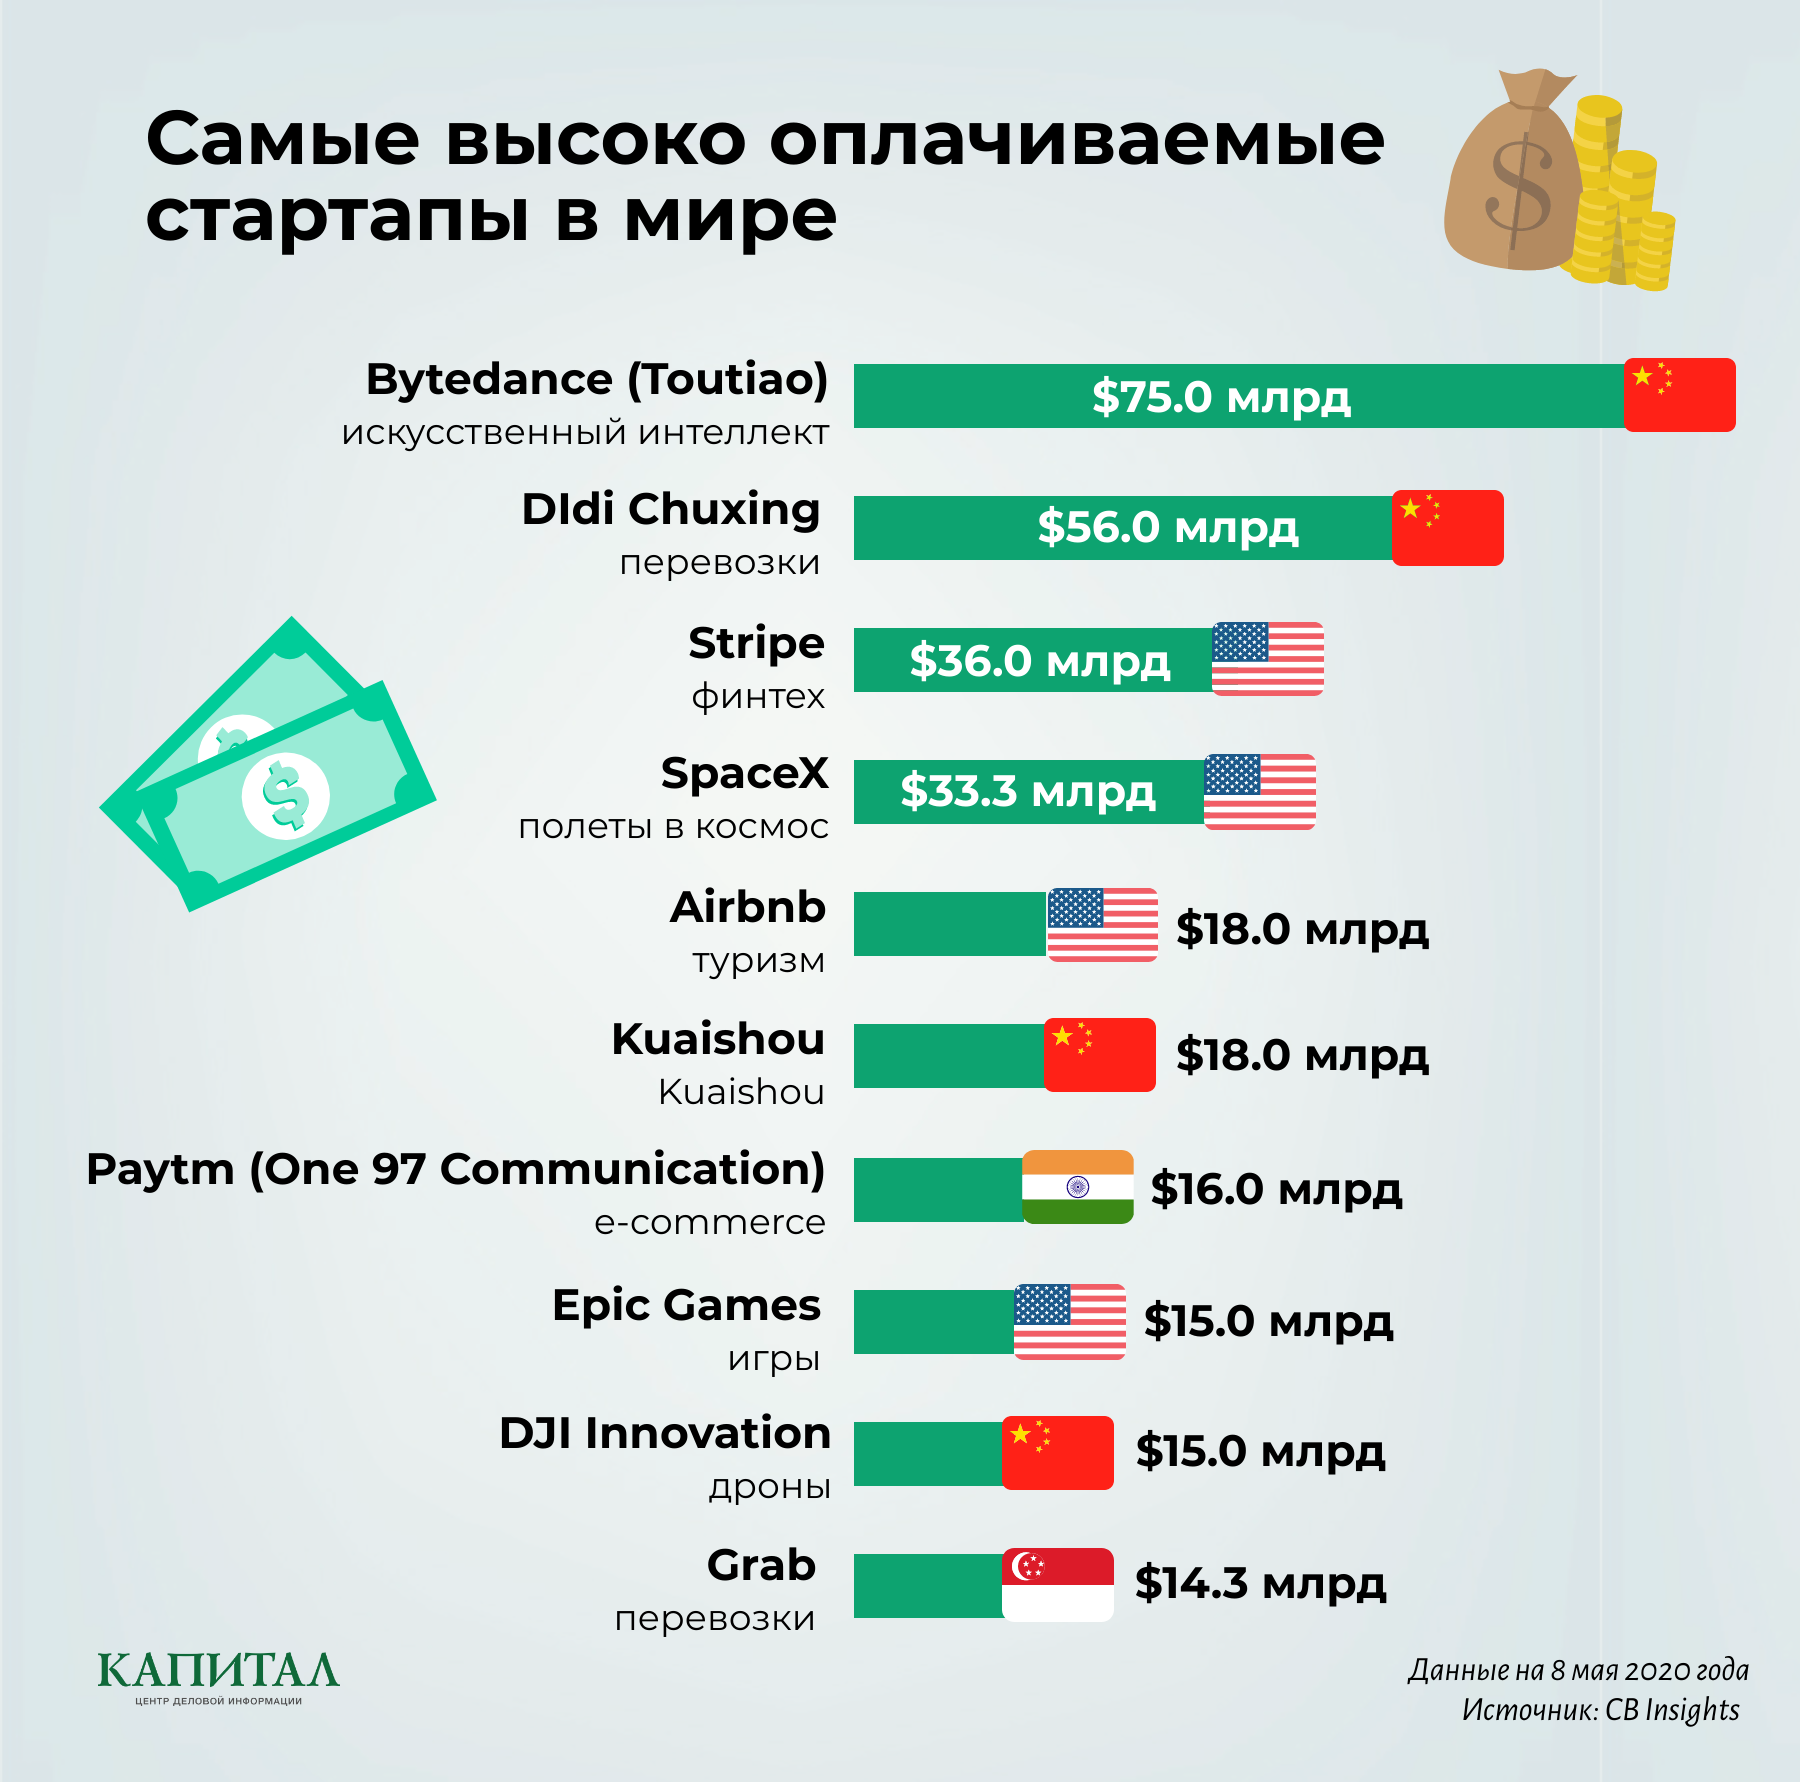 Китайская ByteDance стала самым дорогим стартапом  333658 - Kapital.kz